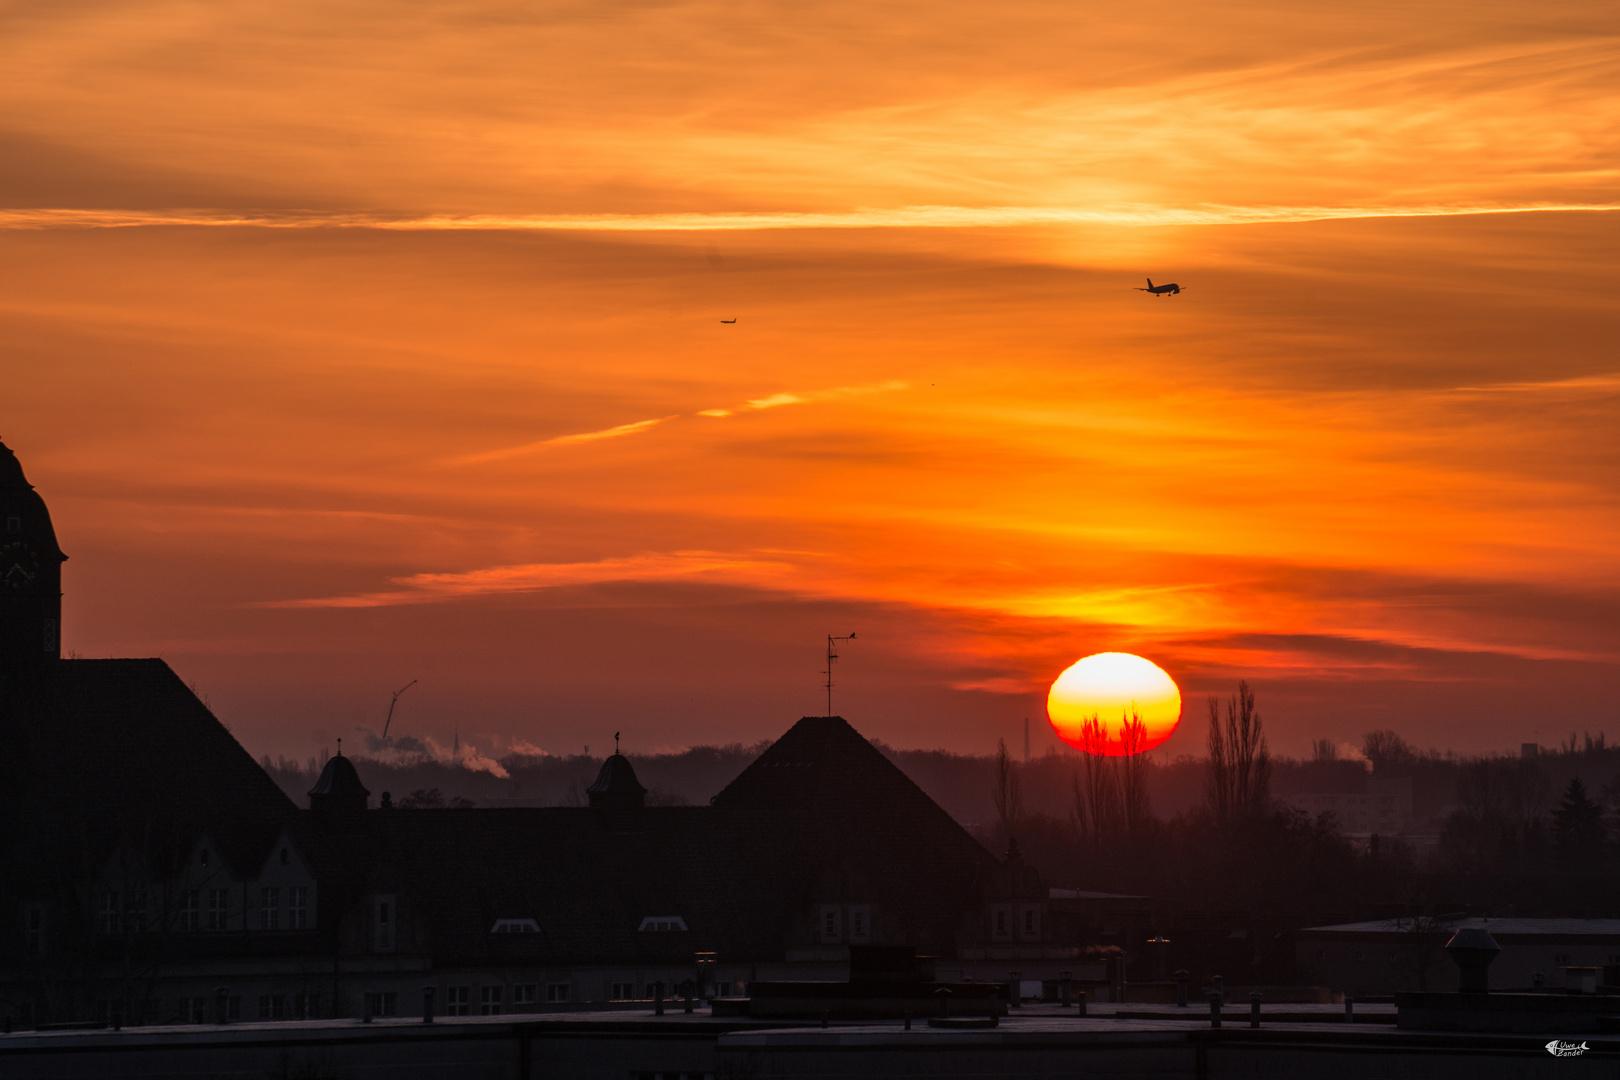 Sonnenaufgang über Berlin-Tegel